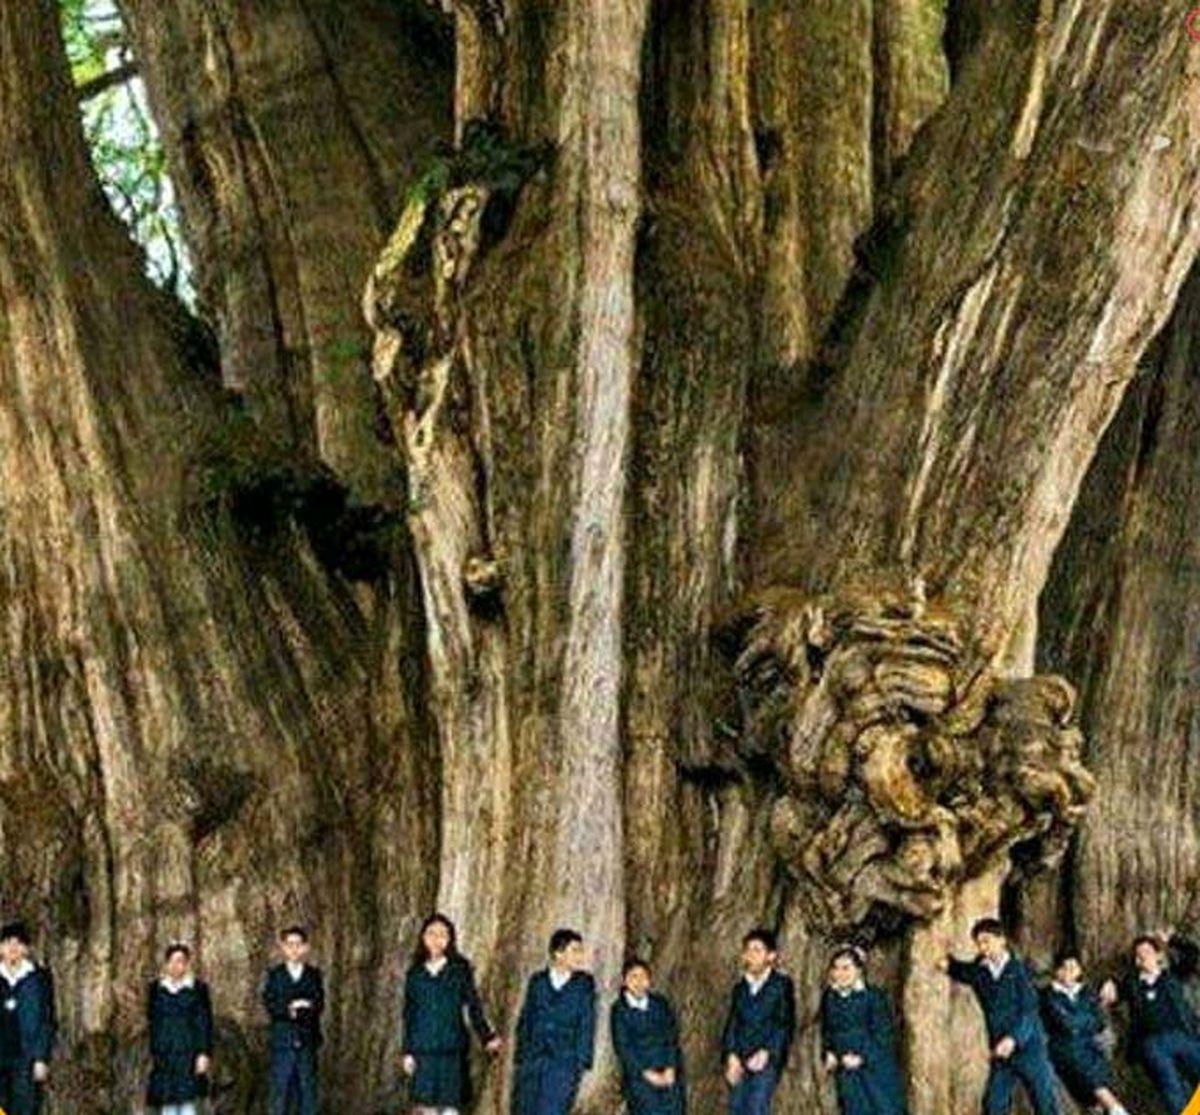 پهن ترین درخت جهان؛عکس